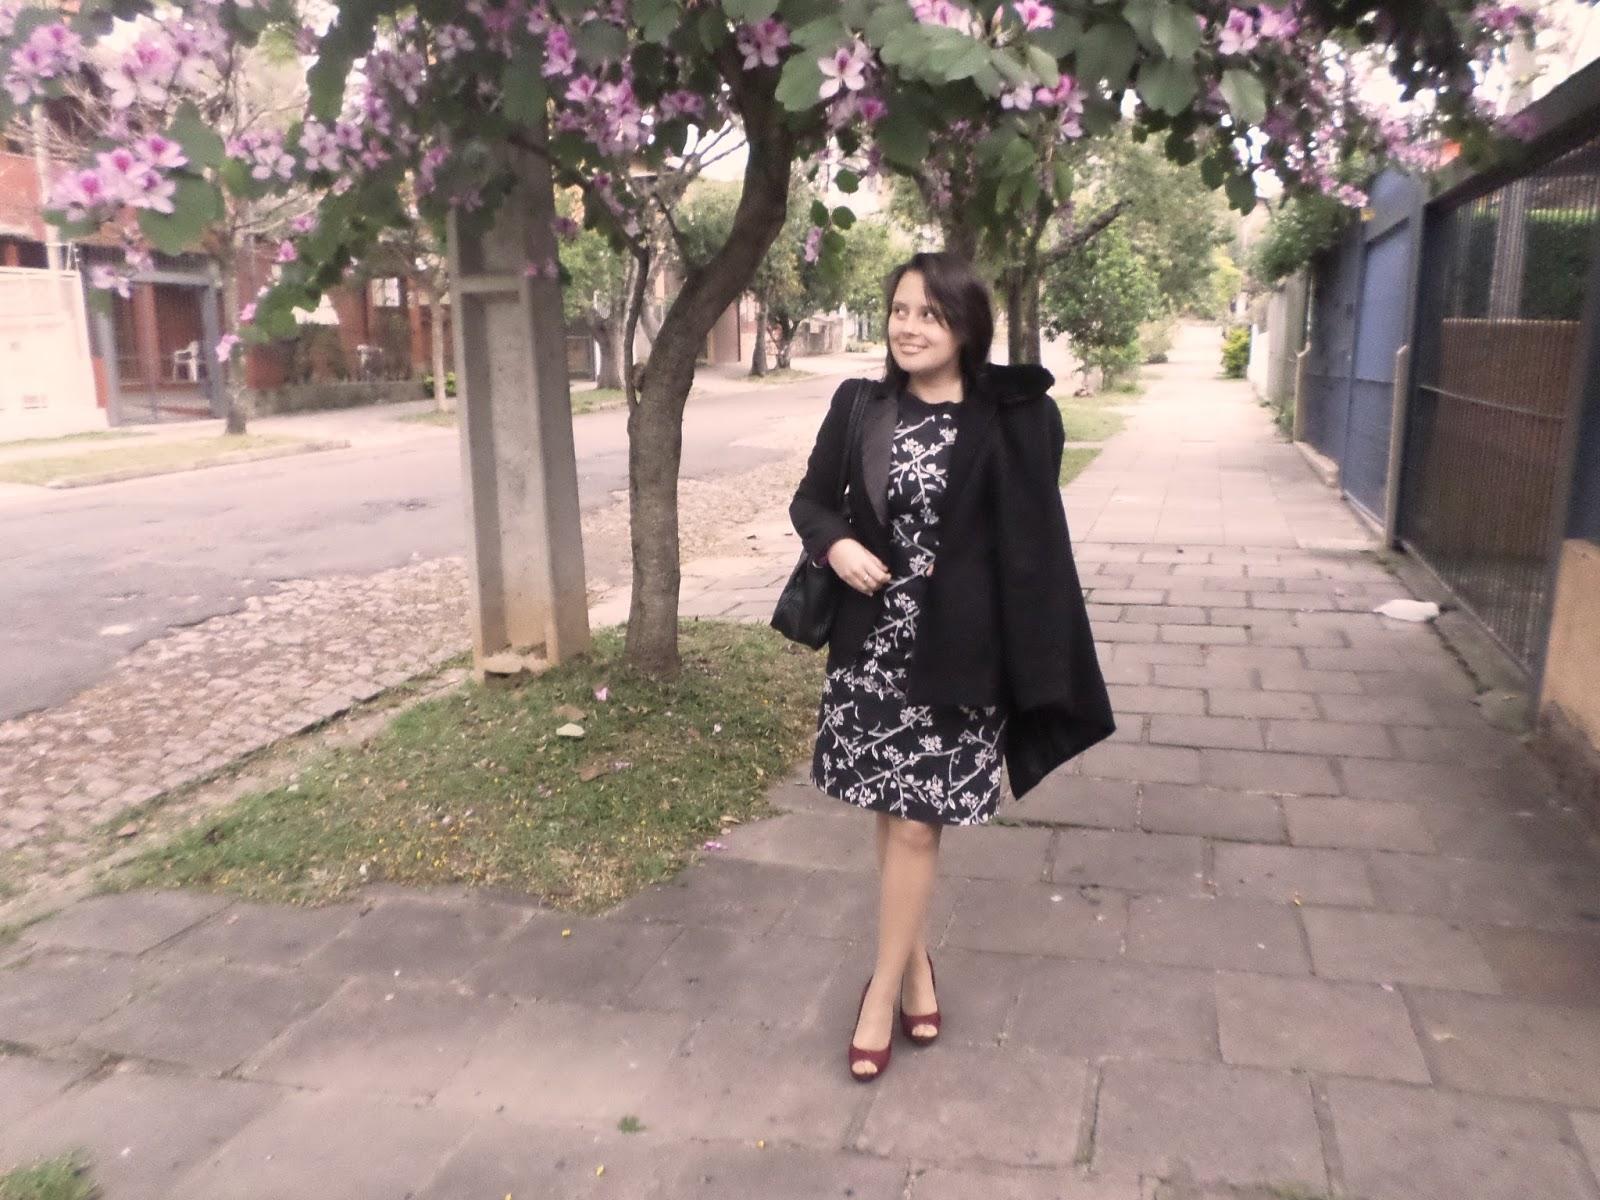 b94b1eab5e Escolhi o vestido da Kadoche P B e o blazer preto. Como prometia esfriar  bastante